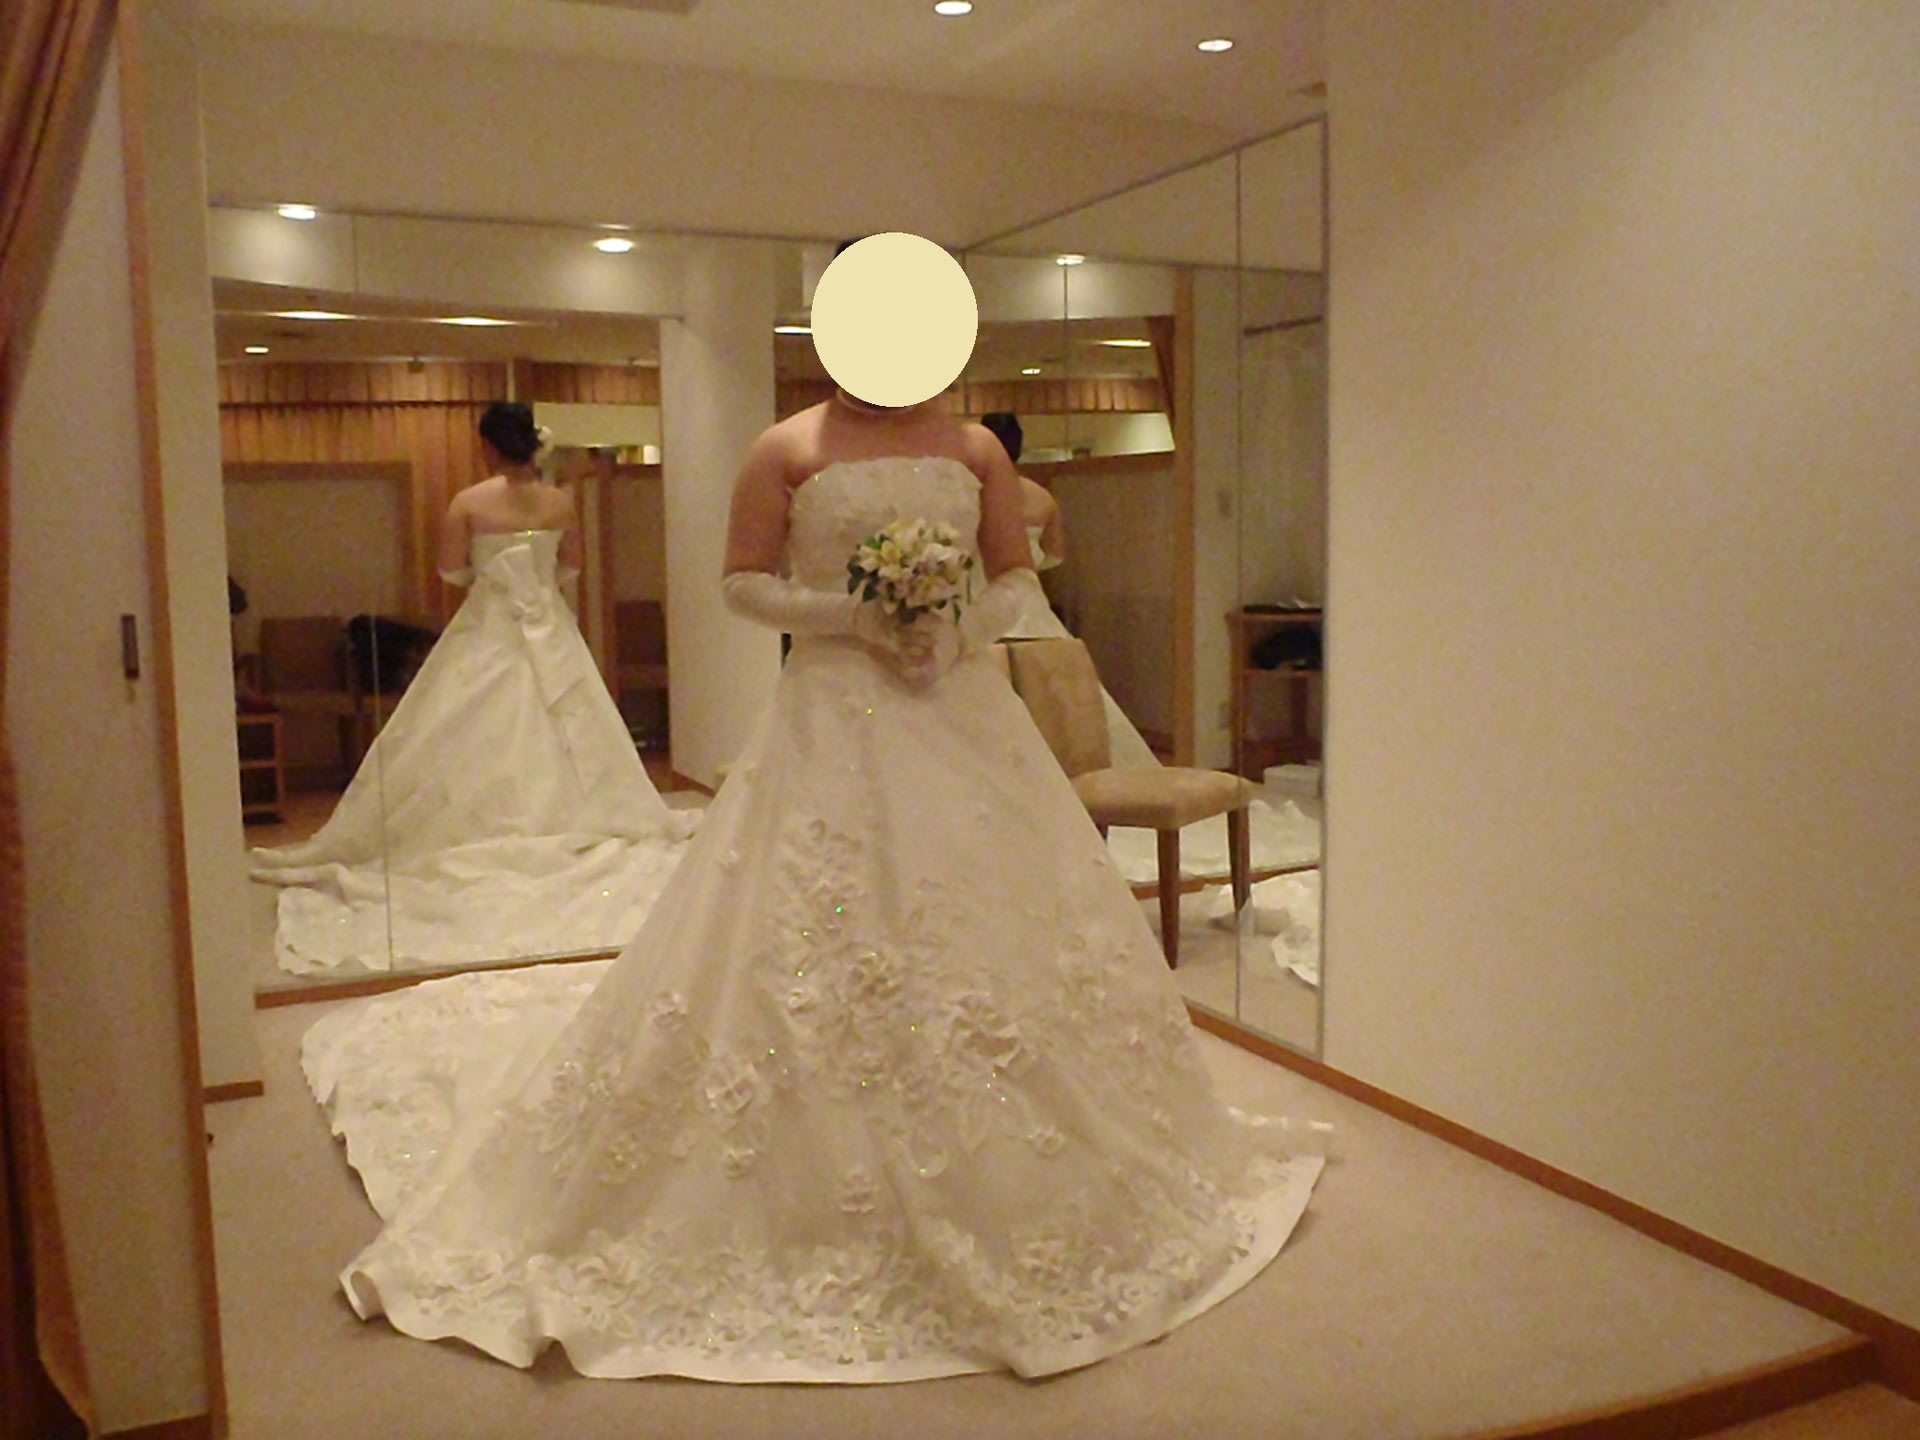 まず、1着目、オーソドックスなAラインのウエディングドレス。レンタル料30万円。 このドレスは肩を隠すショール?のようなものがセットです。